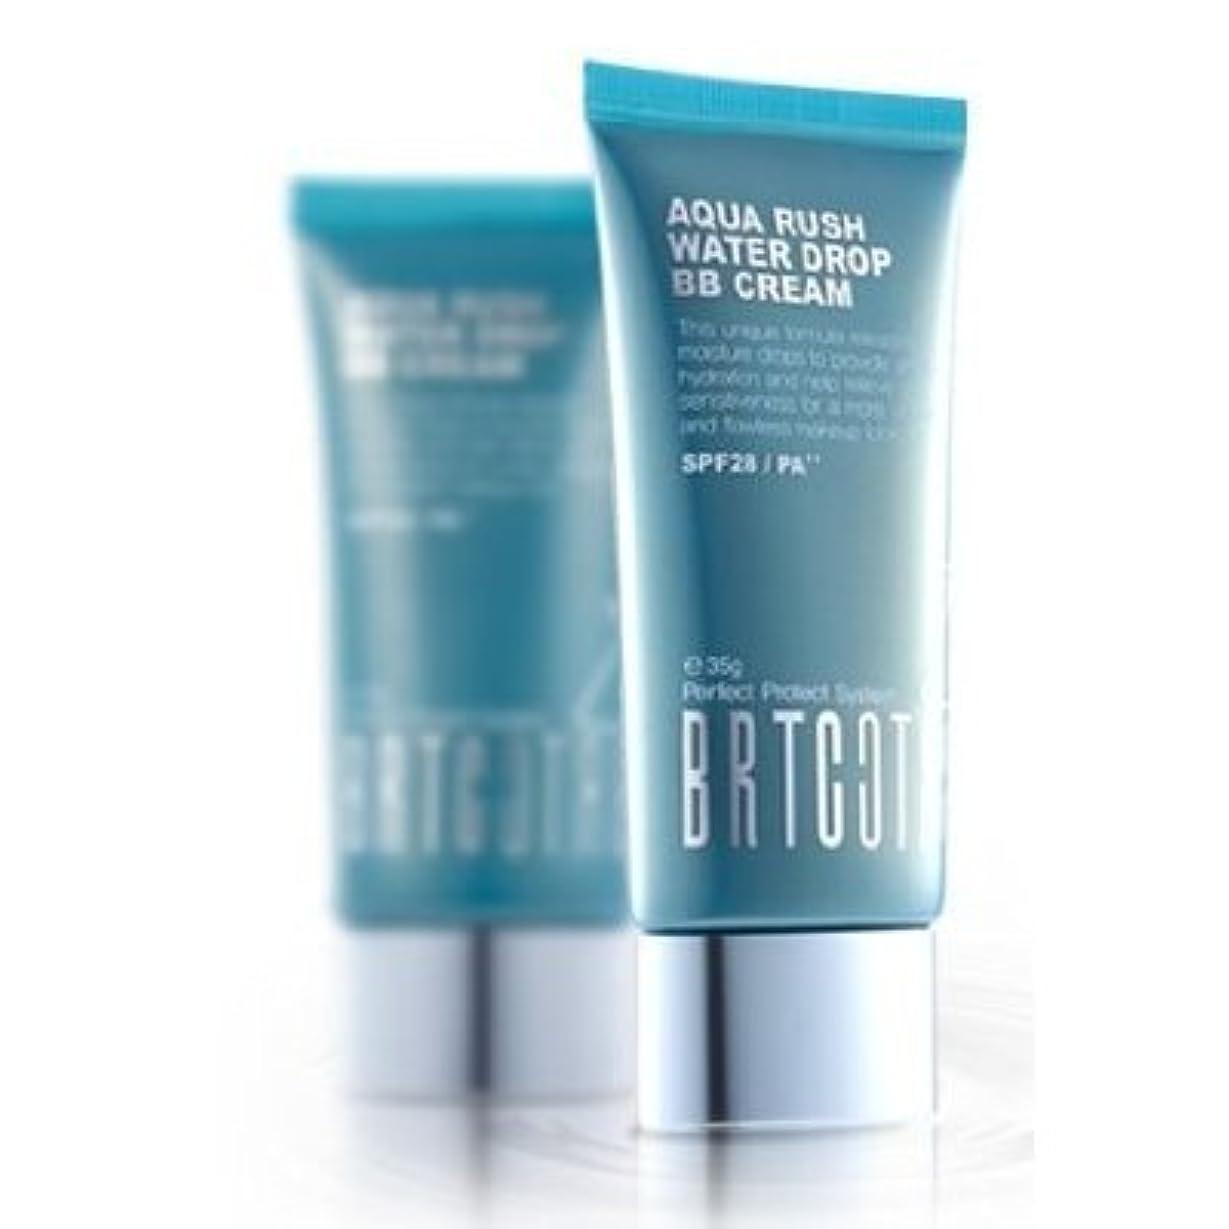 概念フローティングスチールKOREAN COSMETICS, BRTC, Aqua Rush Water Drop BB Cream 60g (intensive moisturizing, skin tone correction, UV protection...